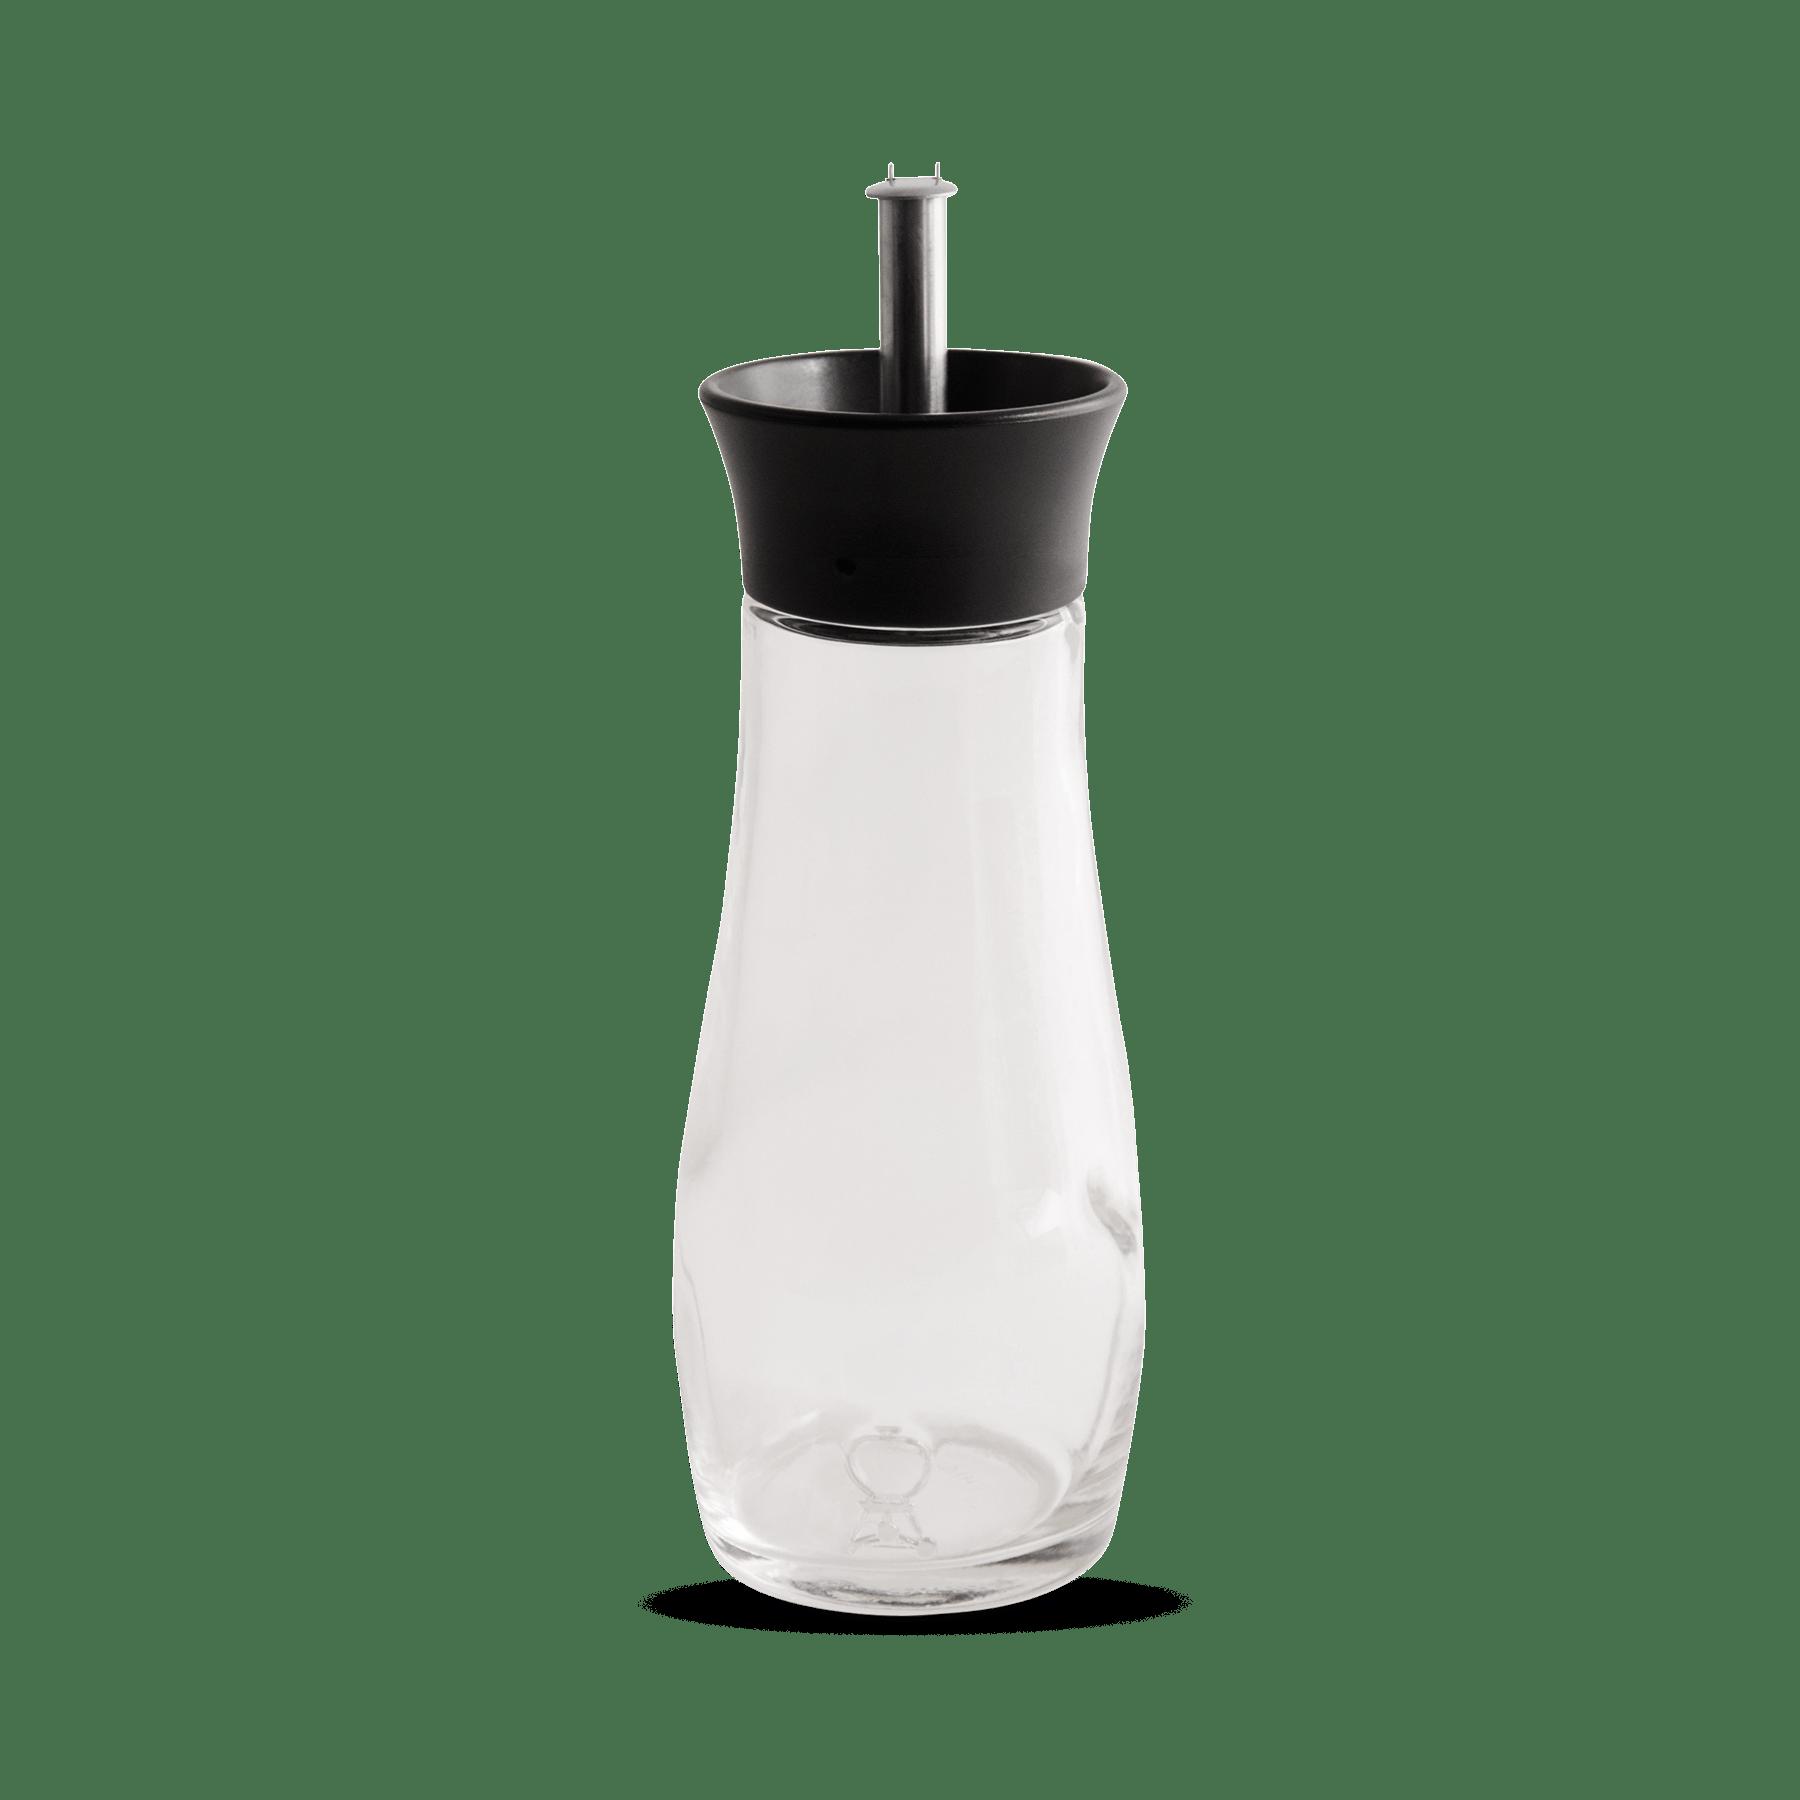 Olja/vinägerflaska